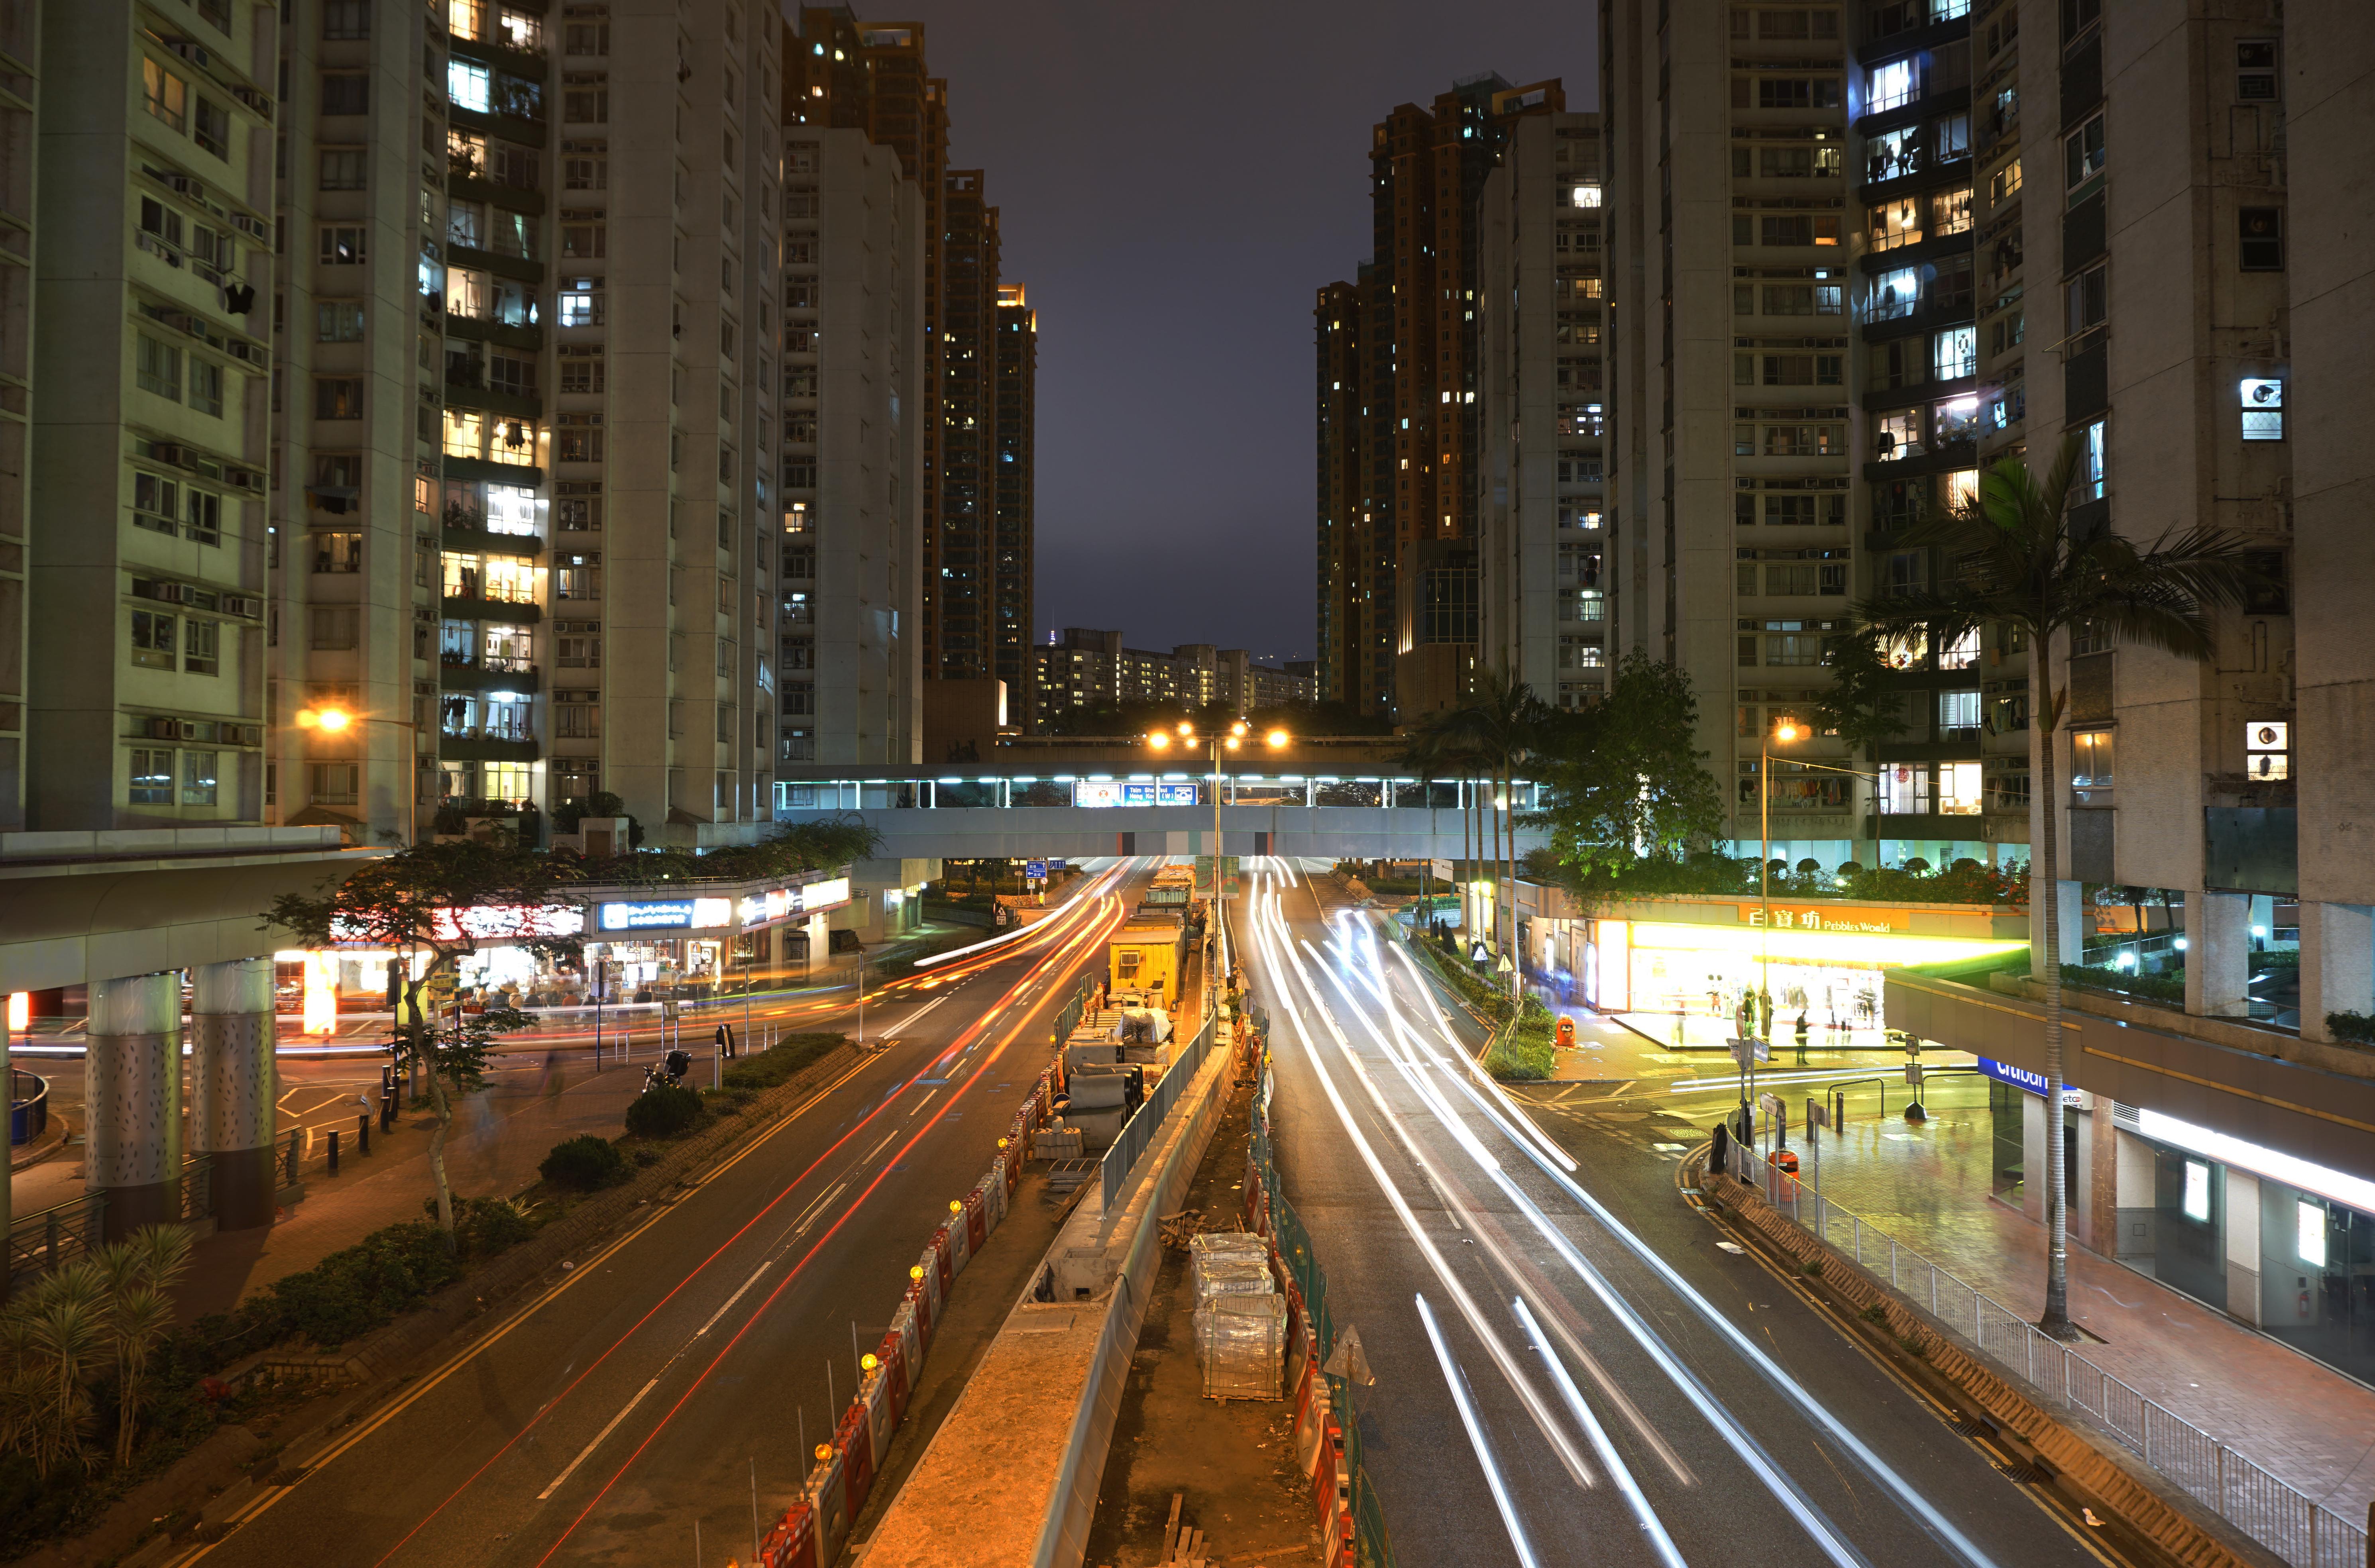 Filehung Hom Road At Night Street Light Rays Improvedjpg